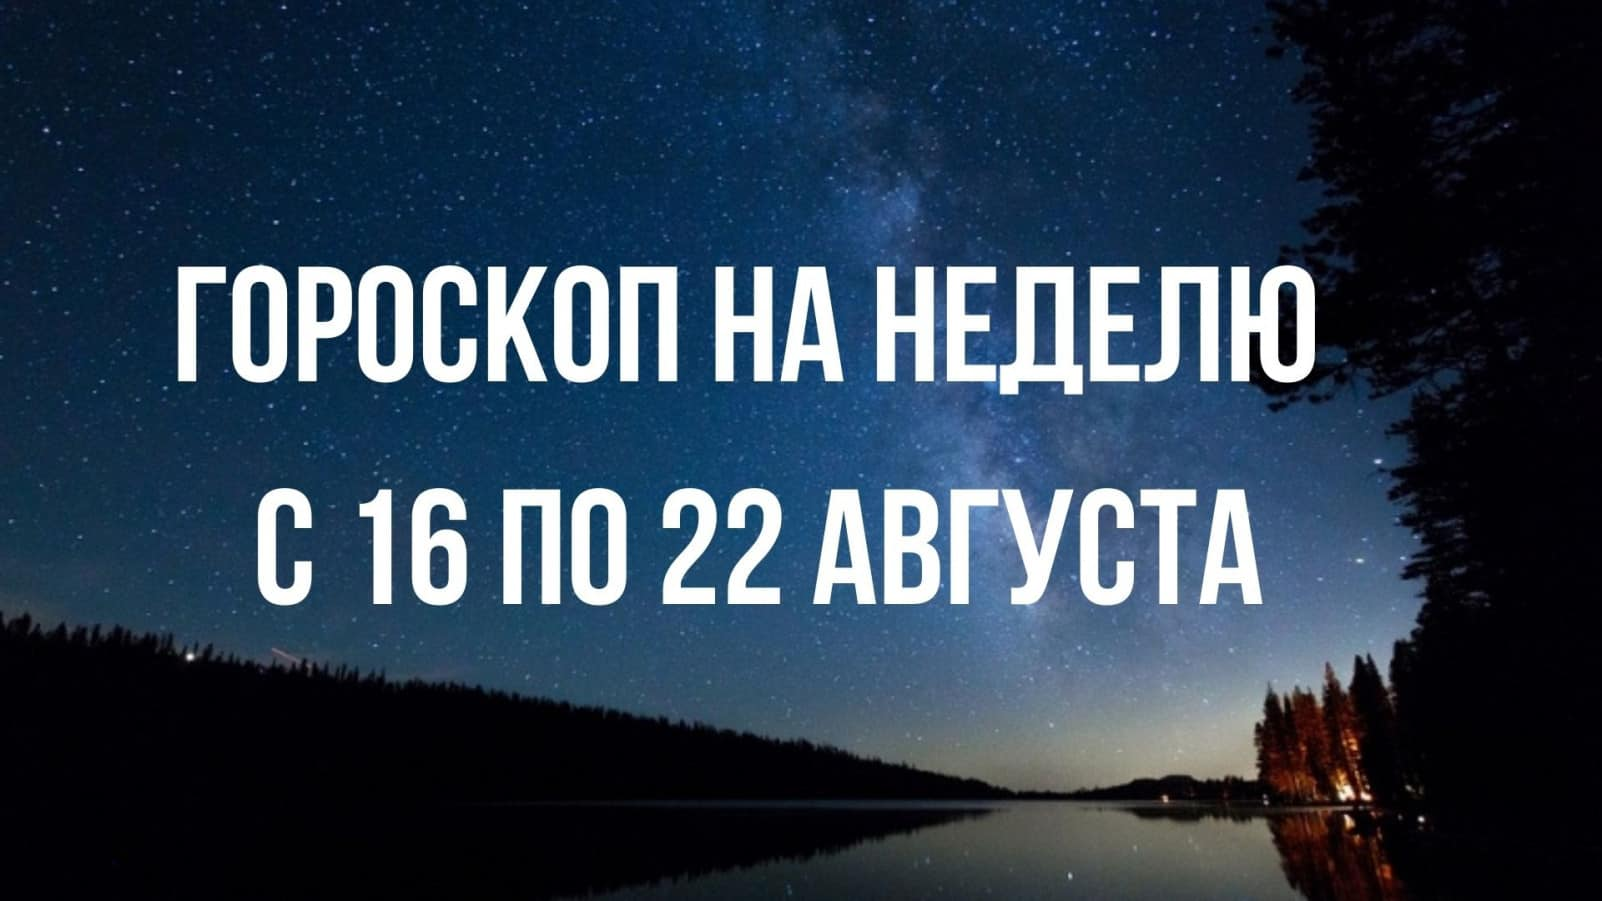 Гороскоп для всех знаков Зодиака с 16 по 22 августа 2021 года